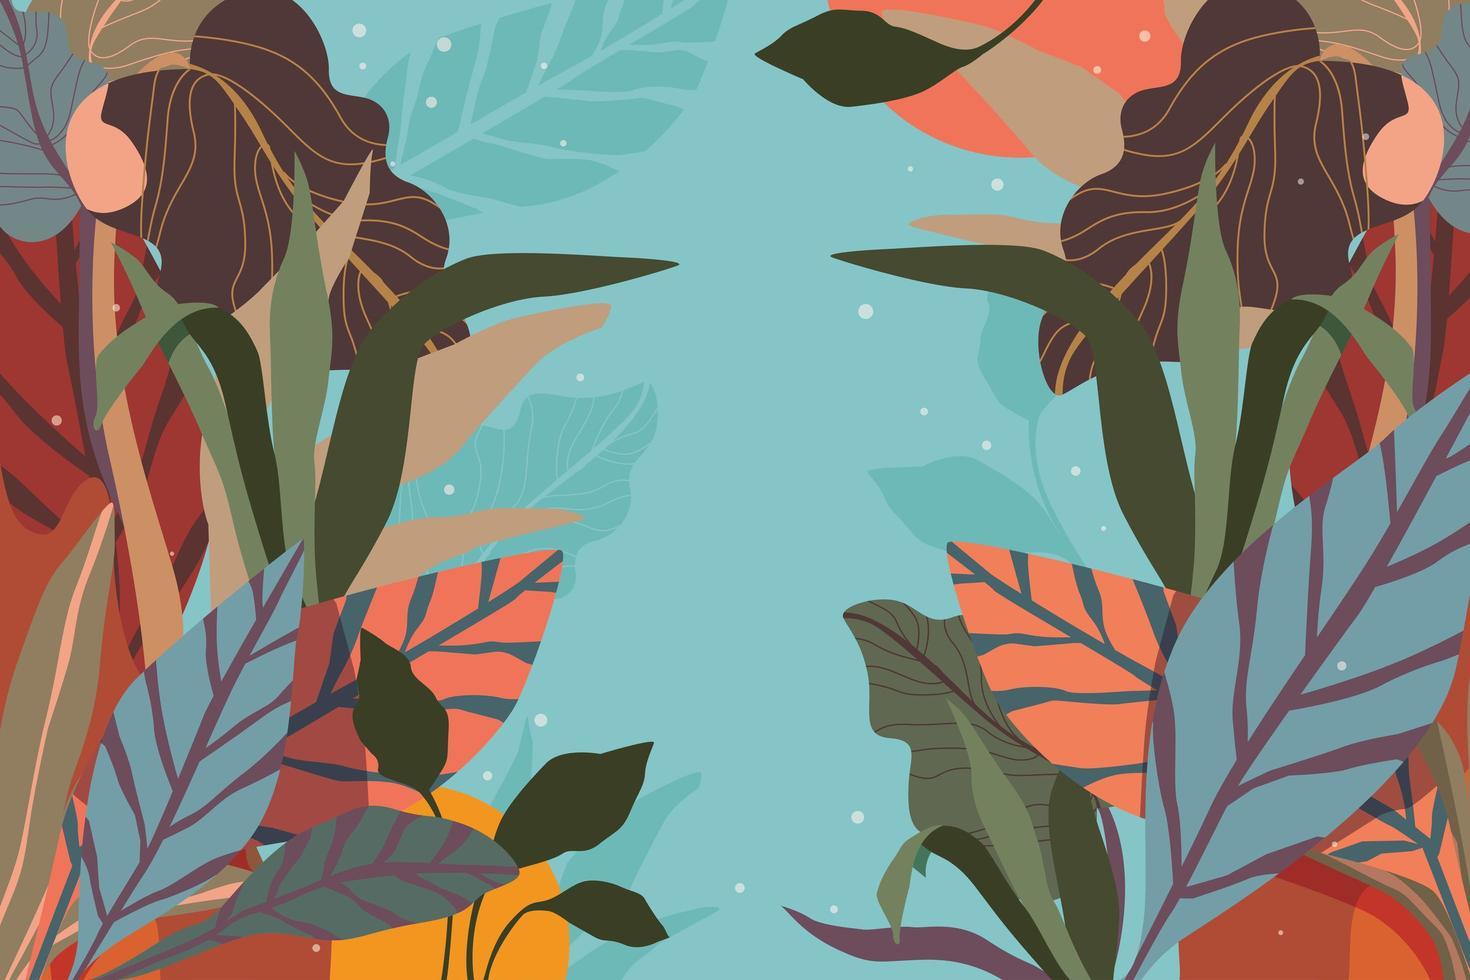 feuillage abstrait et fond darrangement floral vecteur